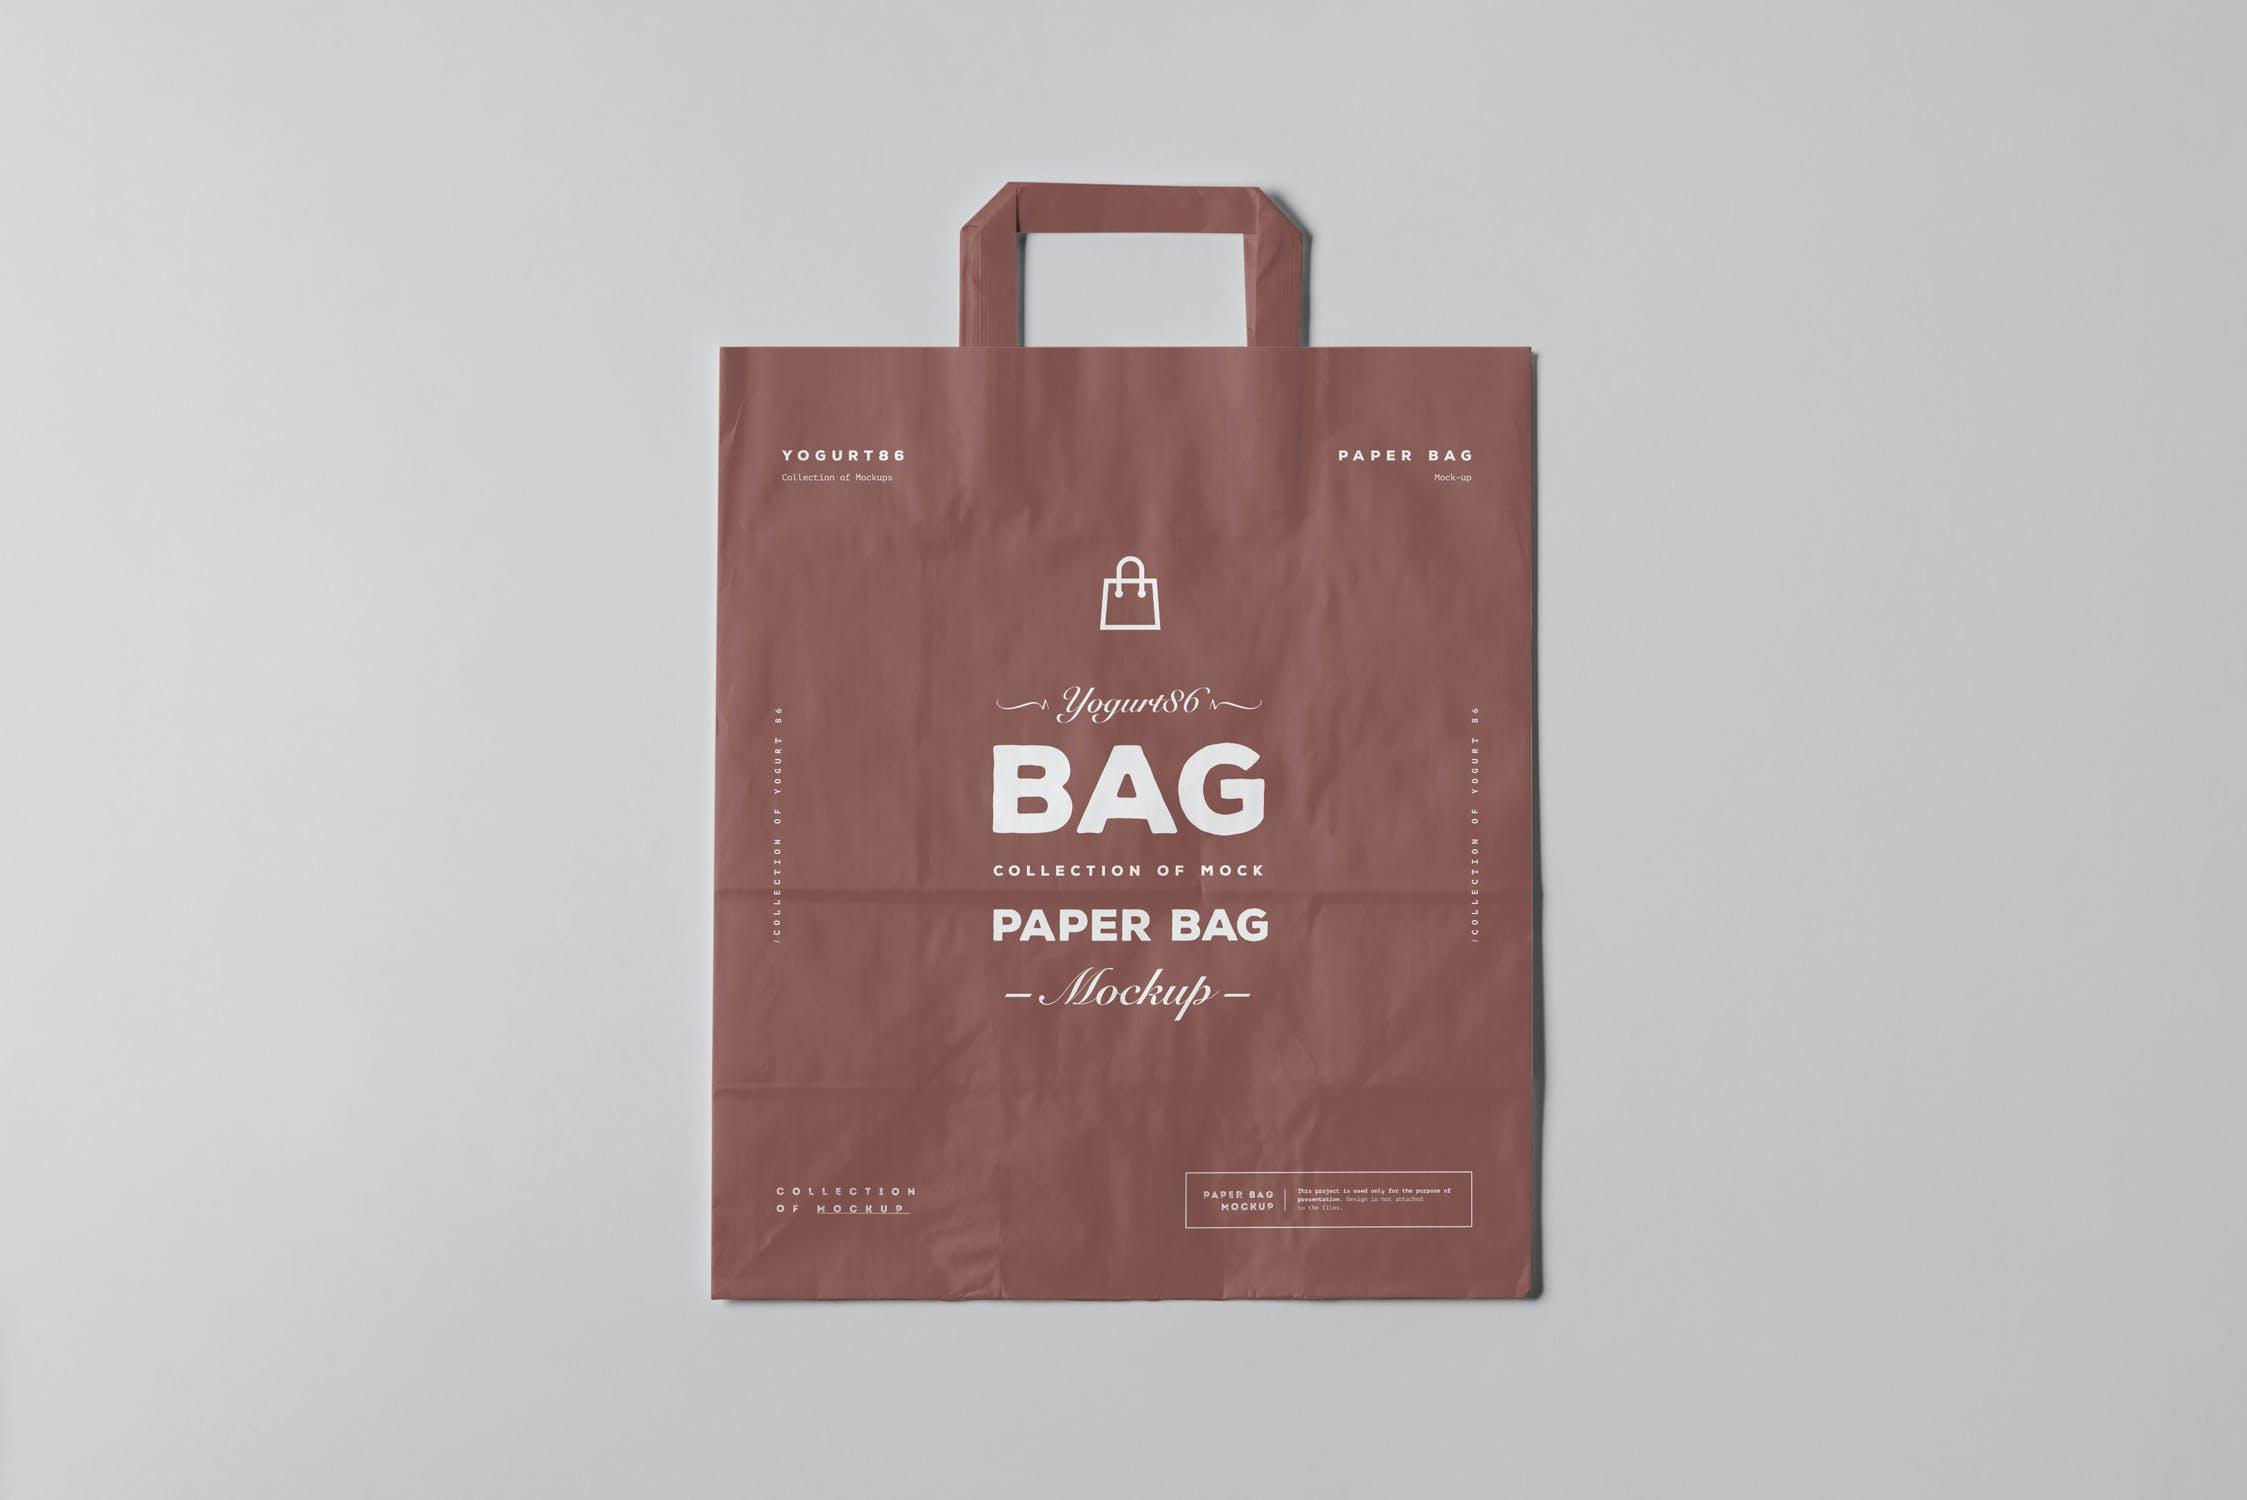 11款商城购物手提纸袋设计展示样机 Paper Bag Mockup 3插图(13)